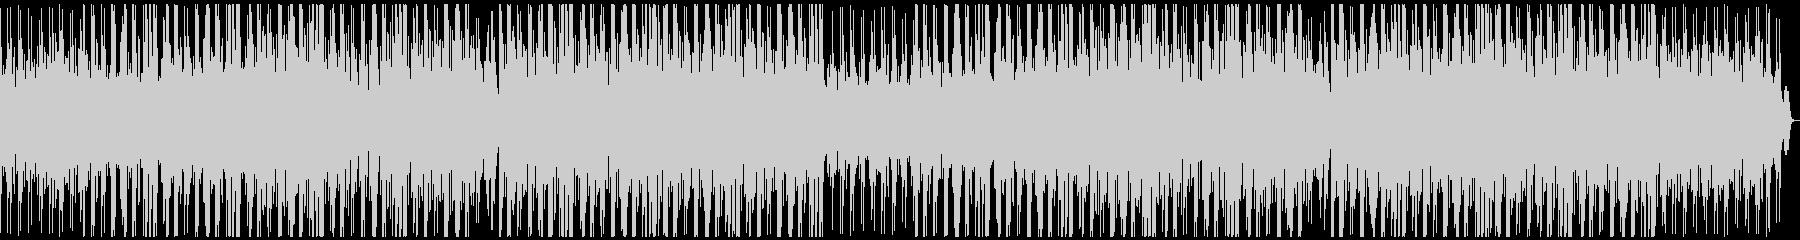 ストリングス 冬のFuture Bassの未再生の波形